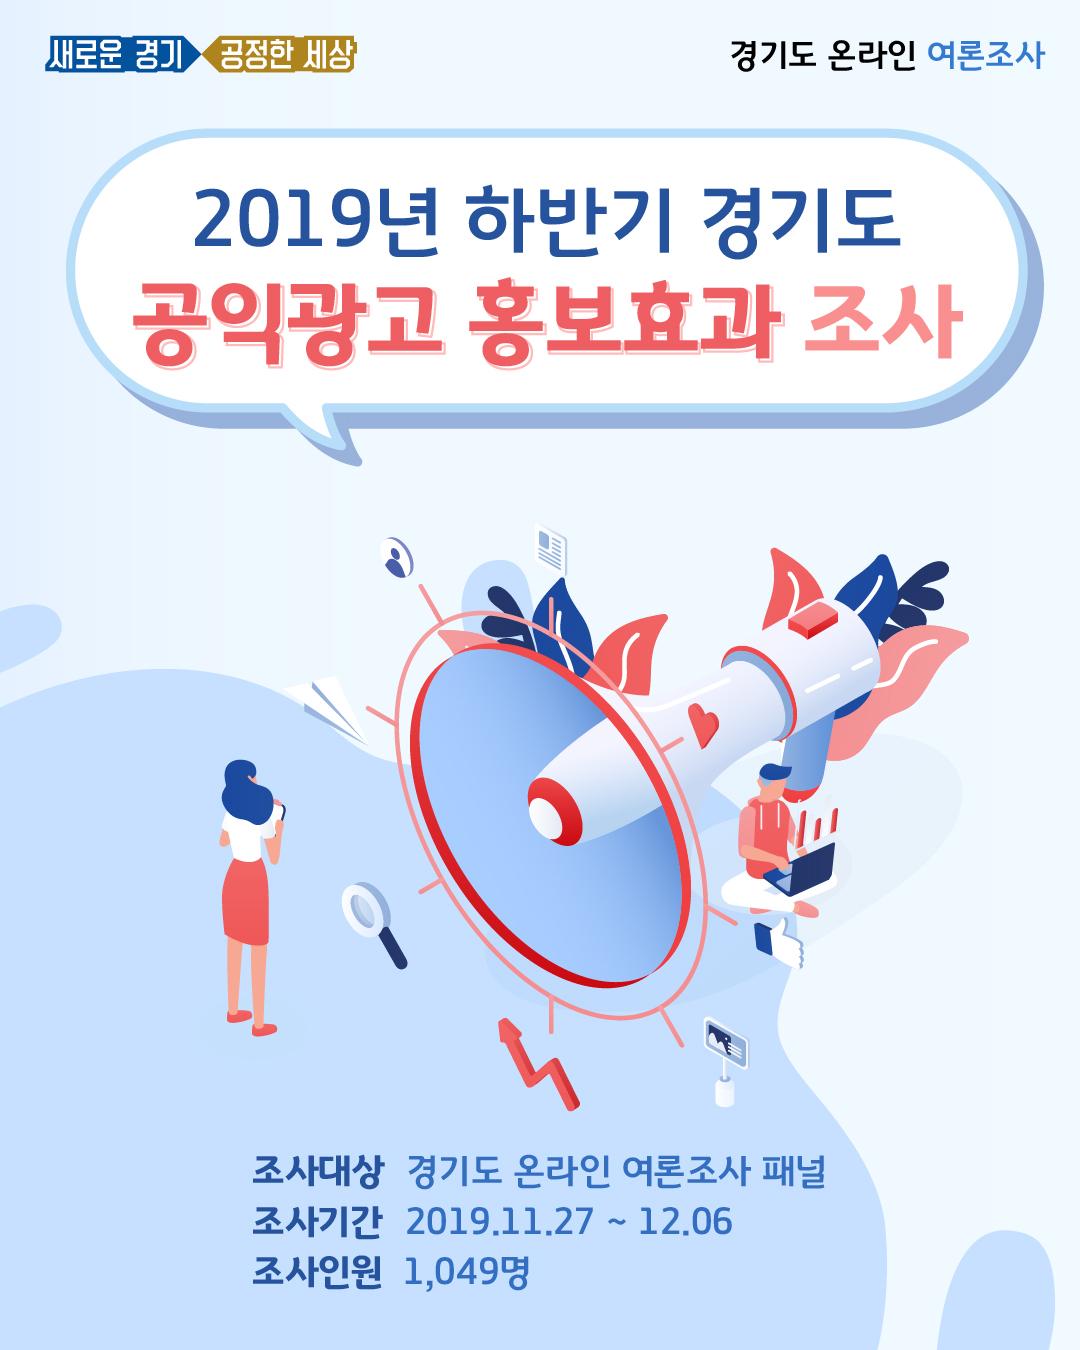 2019년 하반기 경기도 공익광고 홍보효과 조사